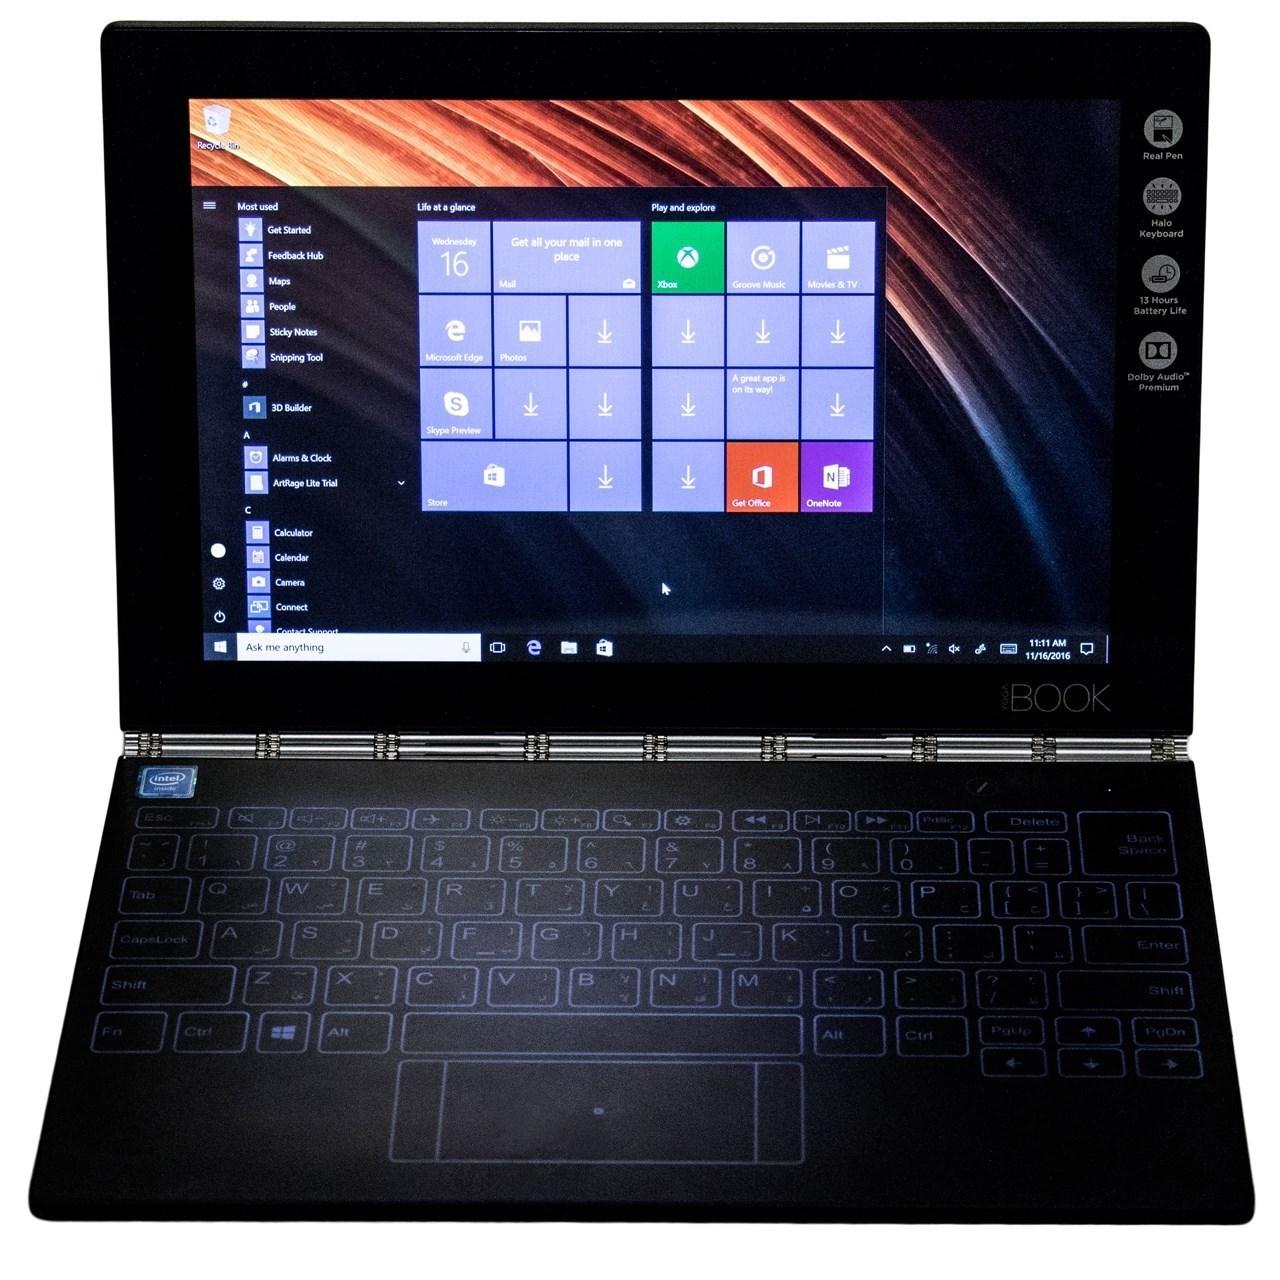 فروش نقدی و اقساطی تبلت لنوو مدل Yoga Book With Windows 4G ظرفیت 128 گیگابایت